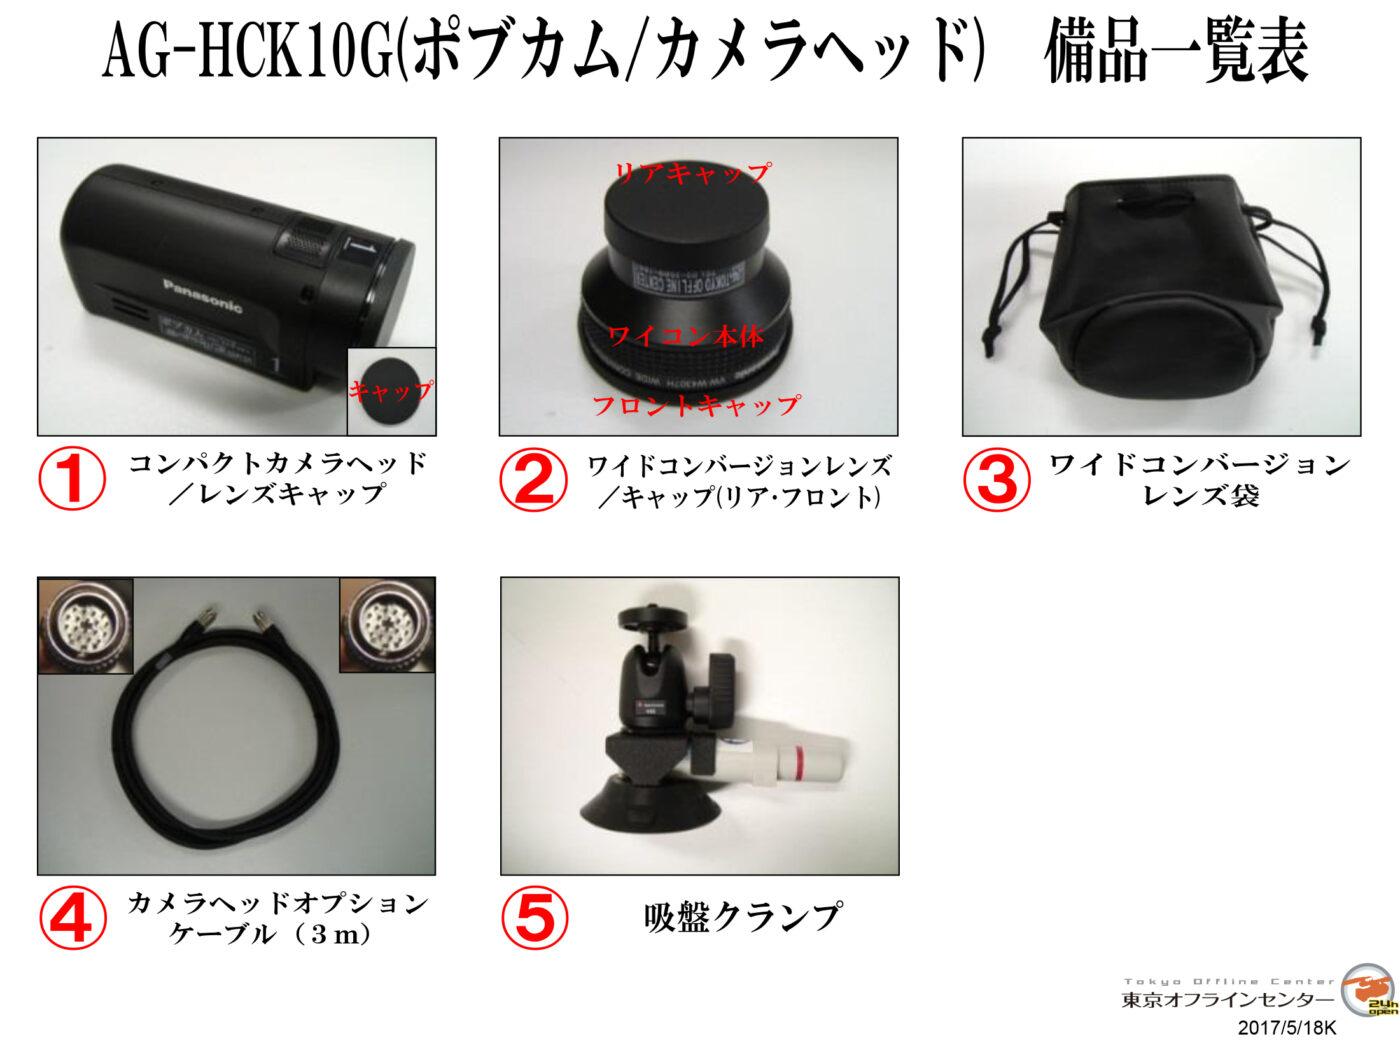 コンパクトカメラヘッド(AG-HCK10G)